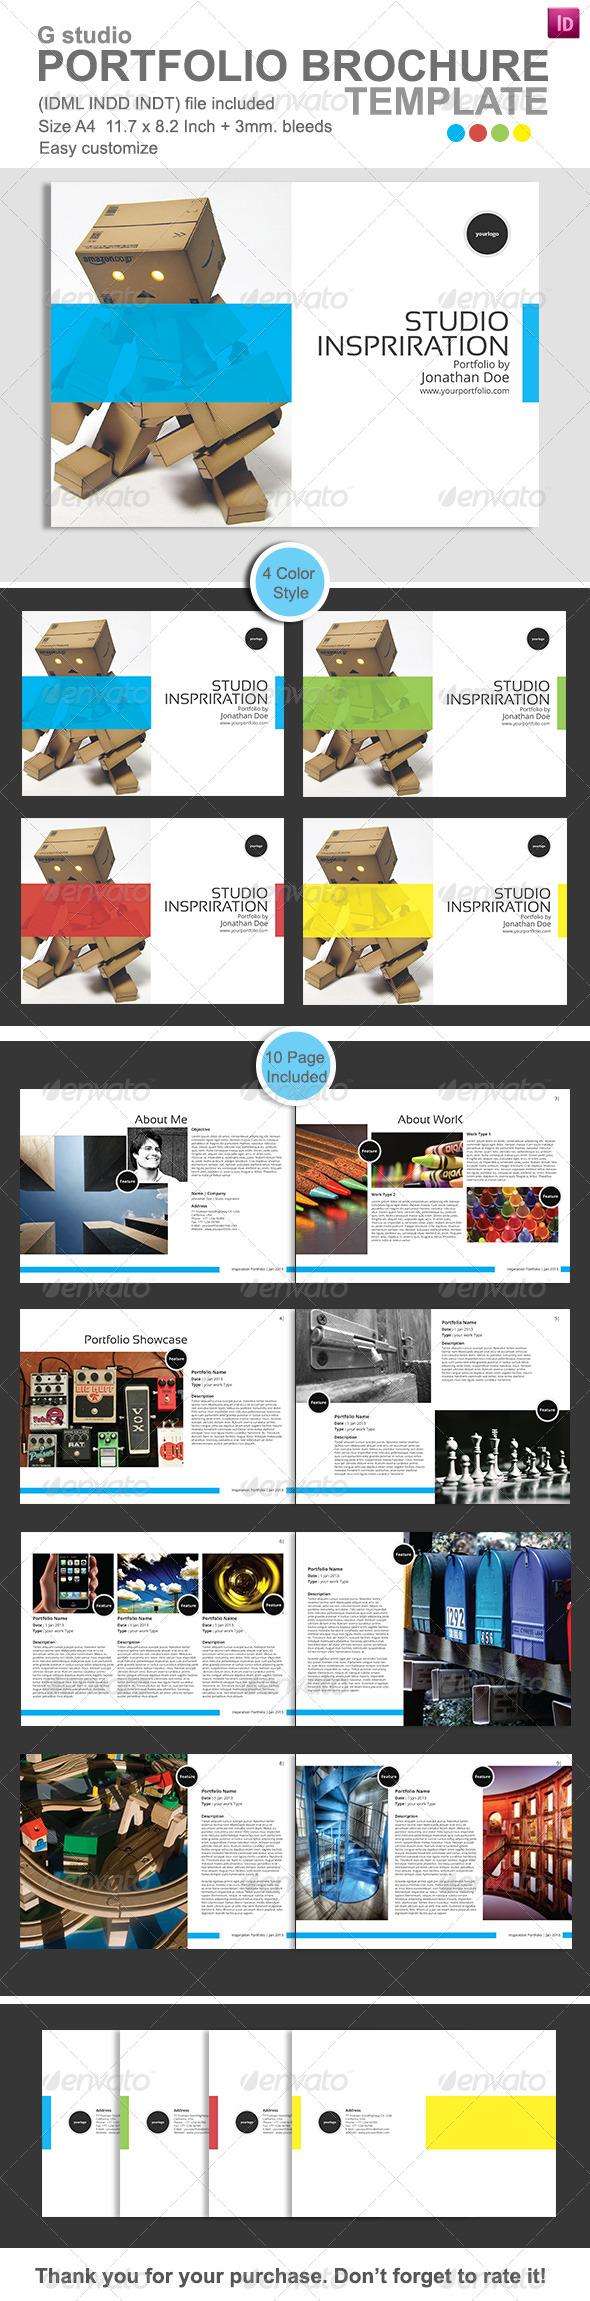 Gstudio Portfolio Brochure Template - Portfolio Brochures